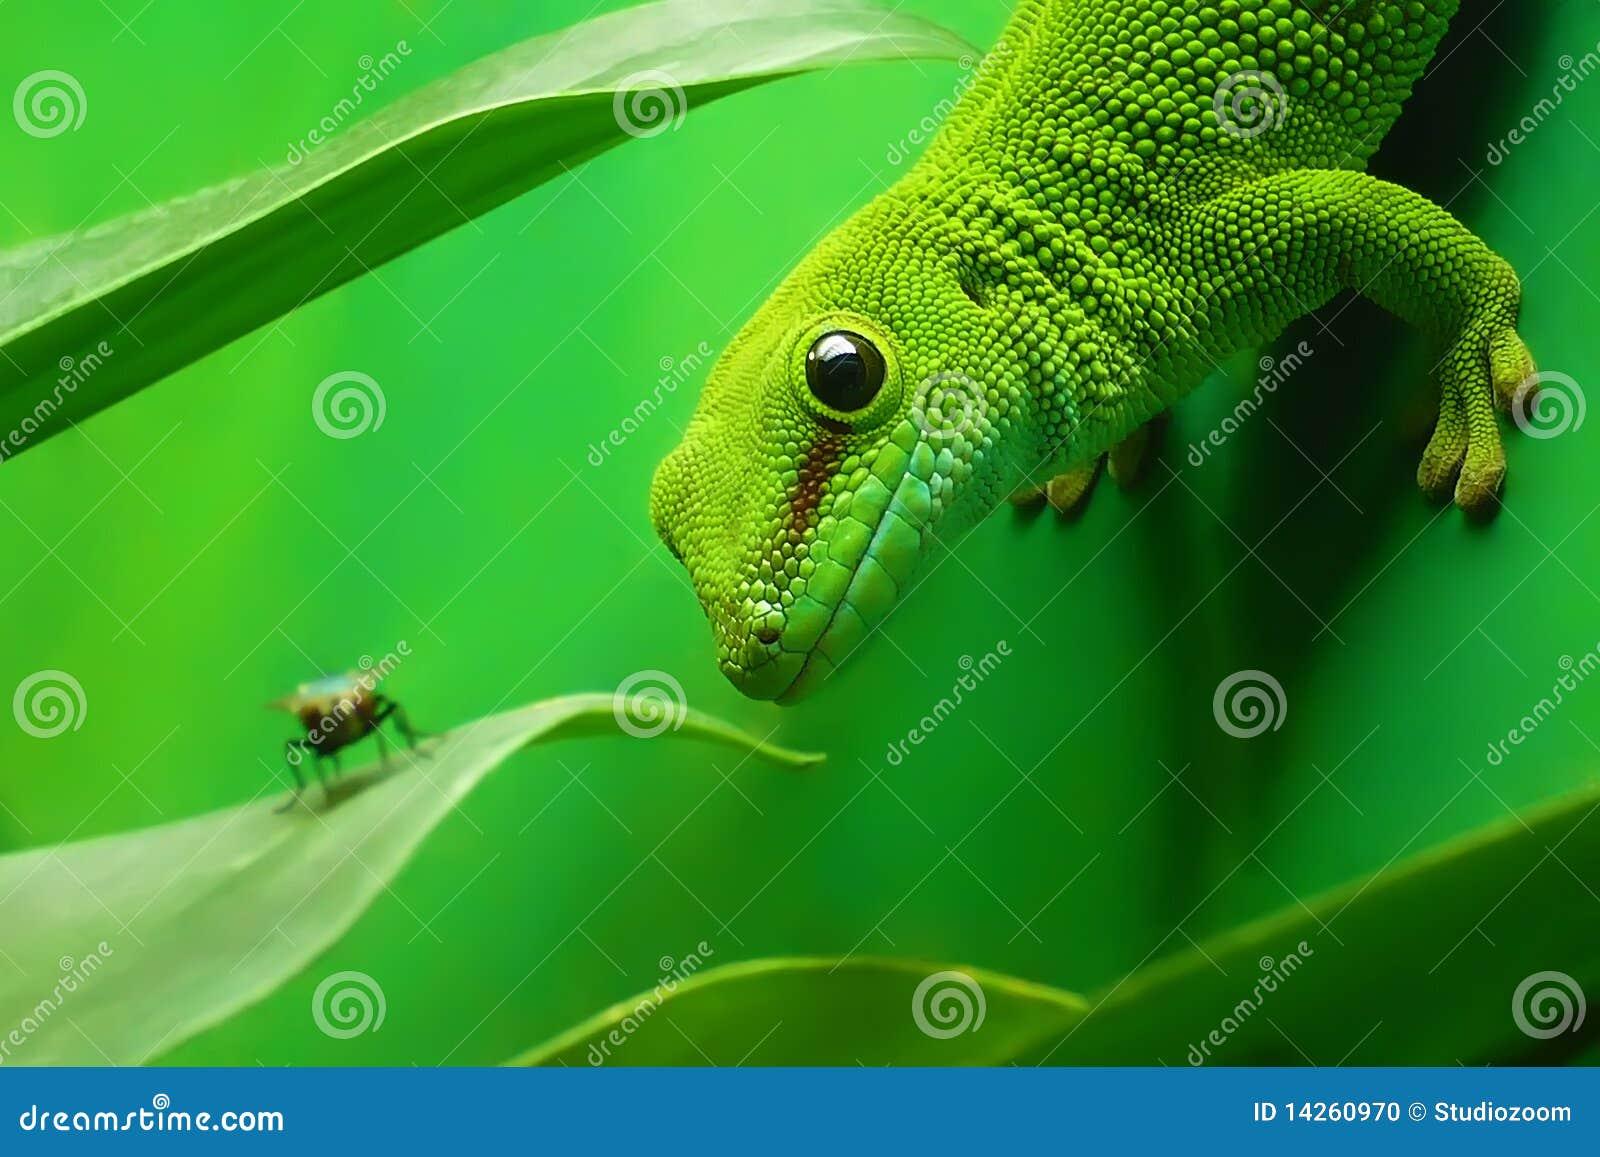 Groene gekkohagedis